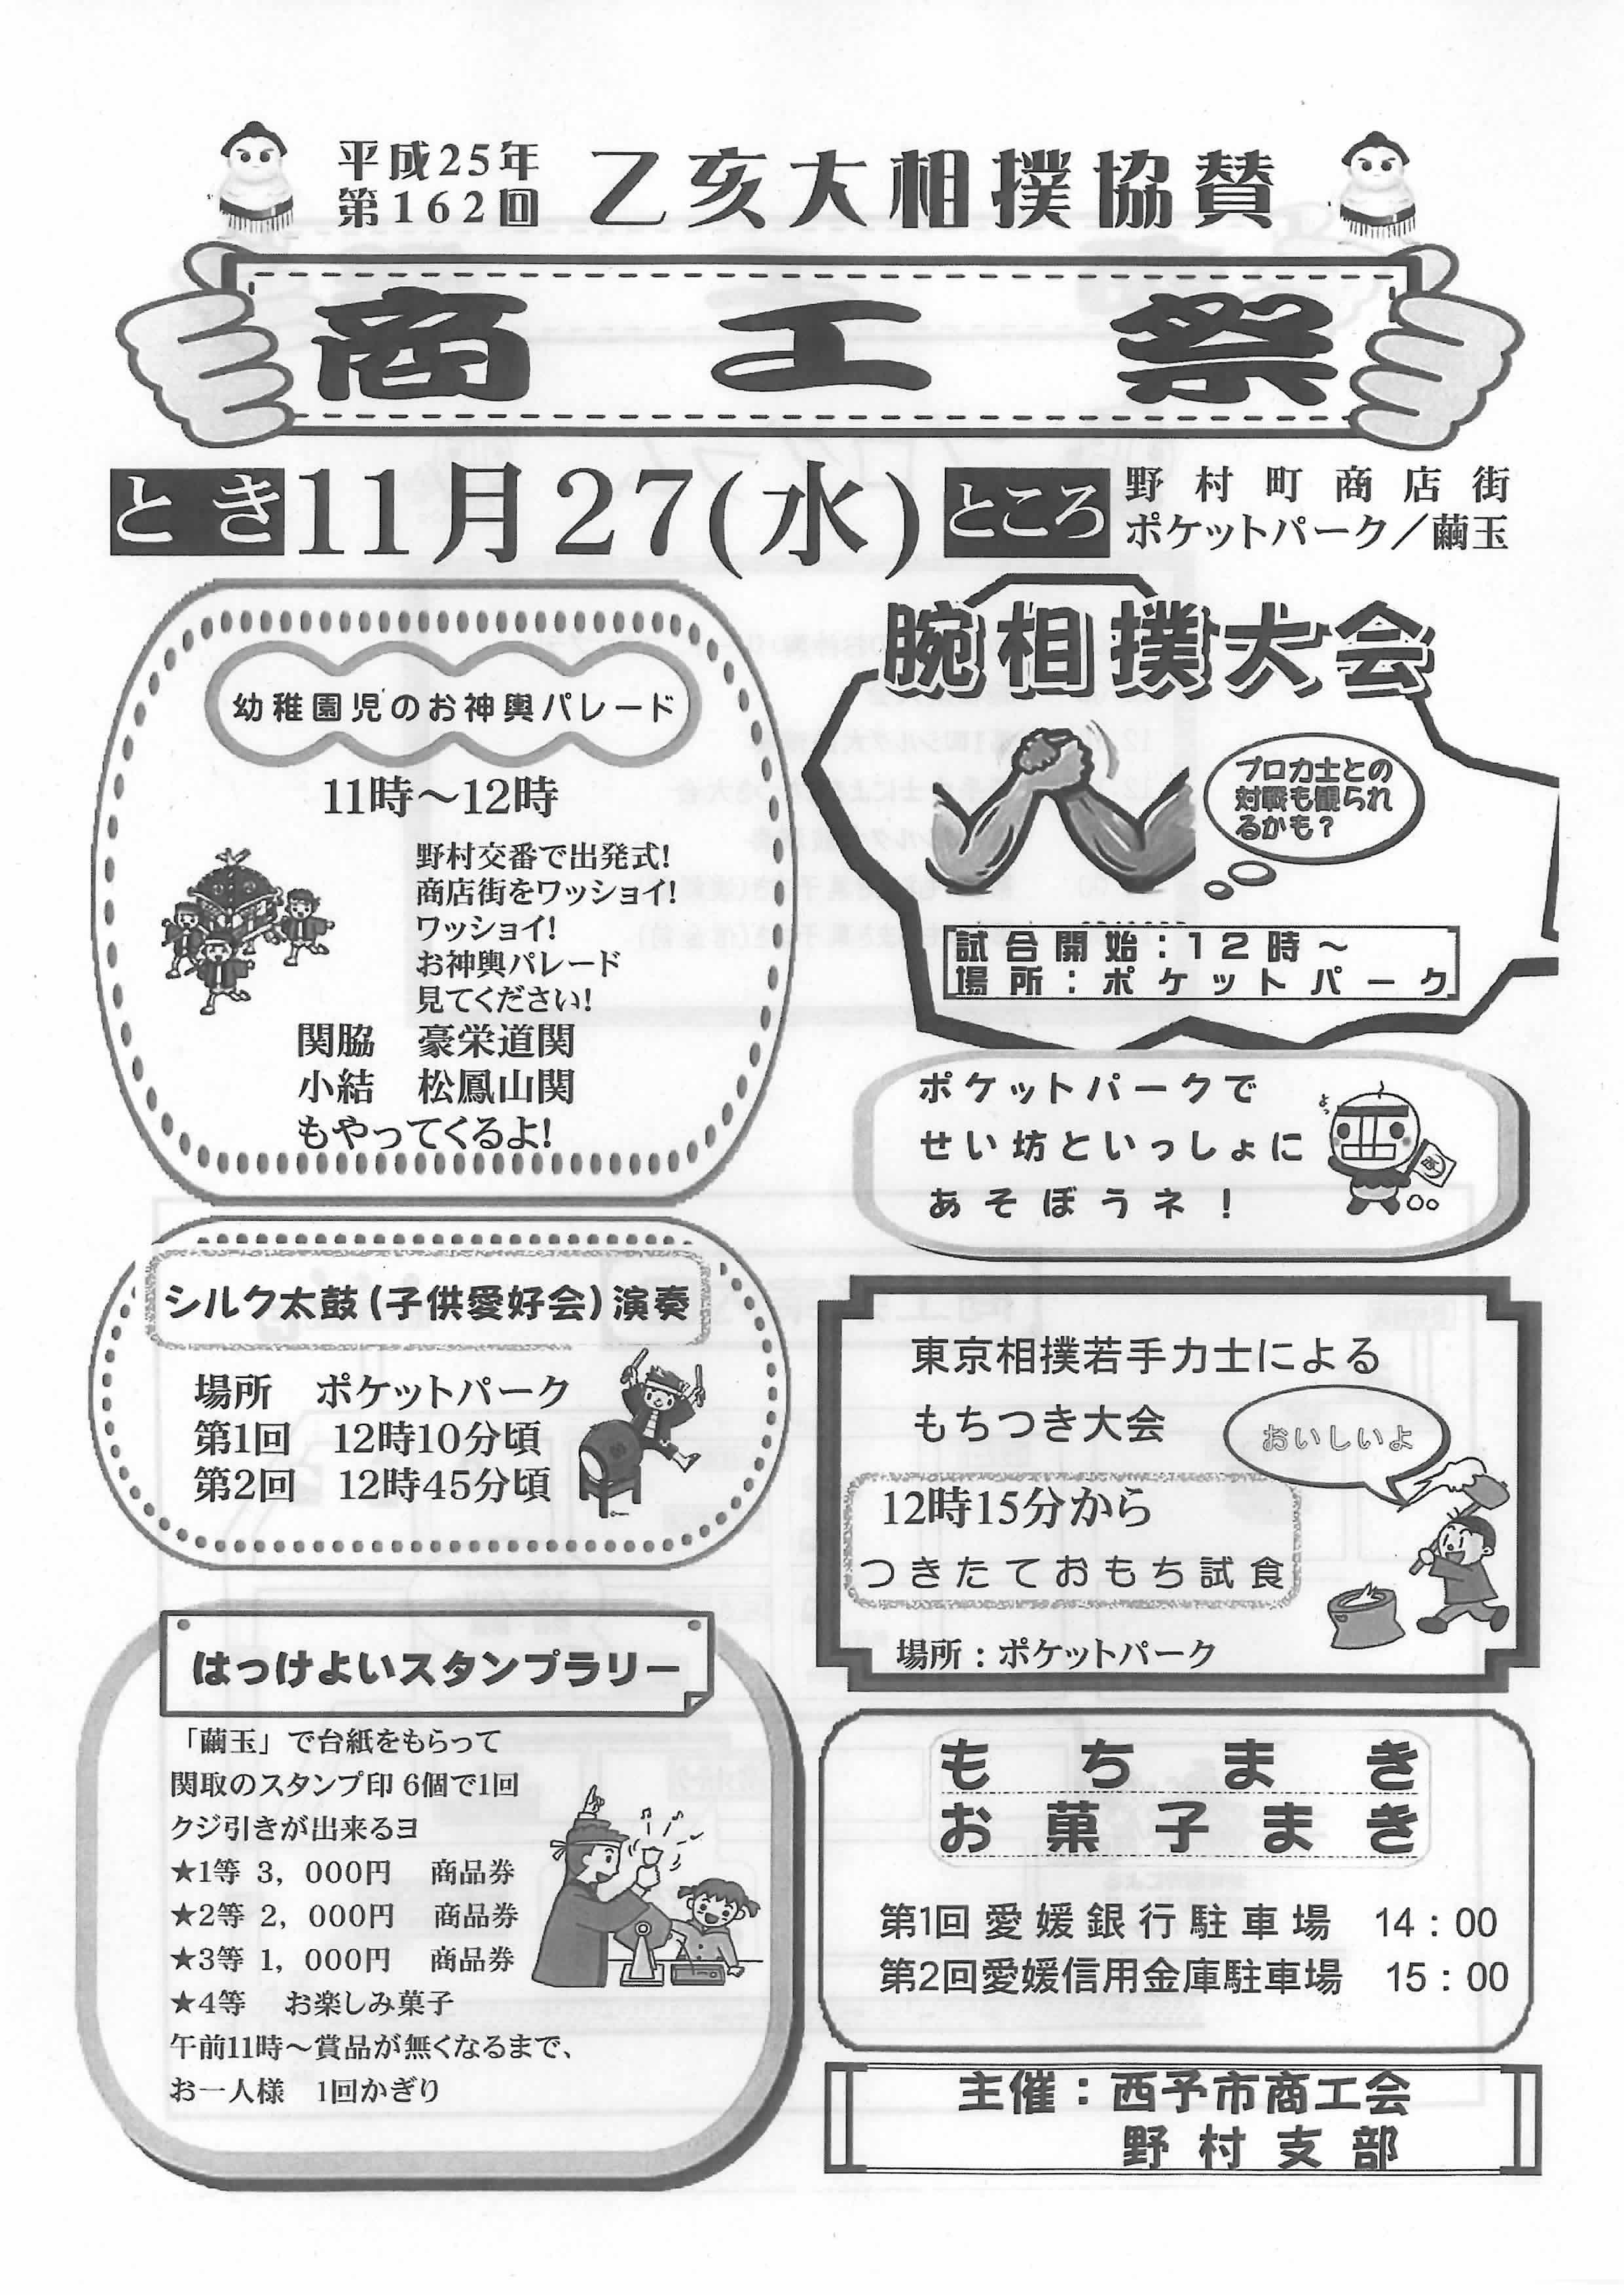 明日は乙亥大相撲に行きます せい坊ニュース せい坊と遊ぼうよっ